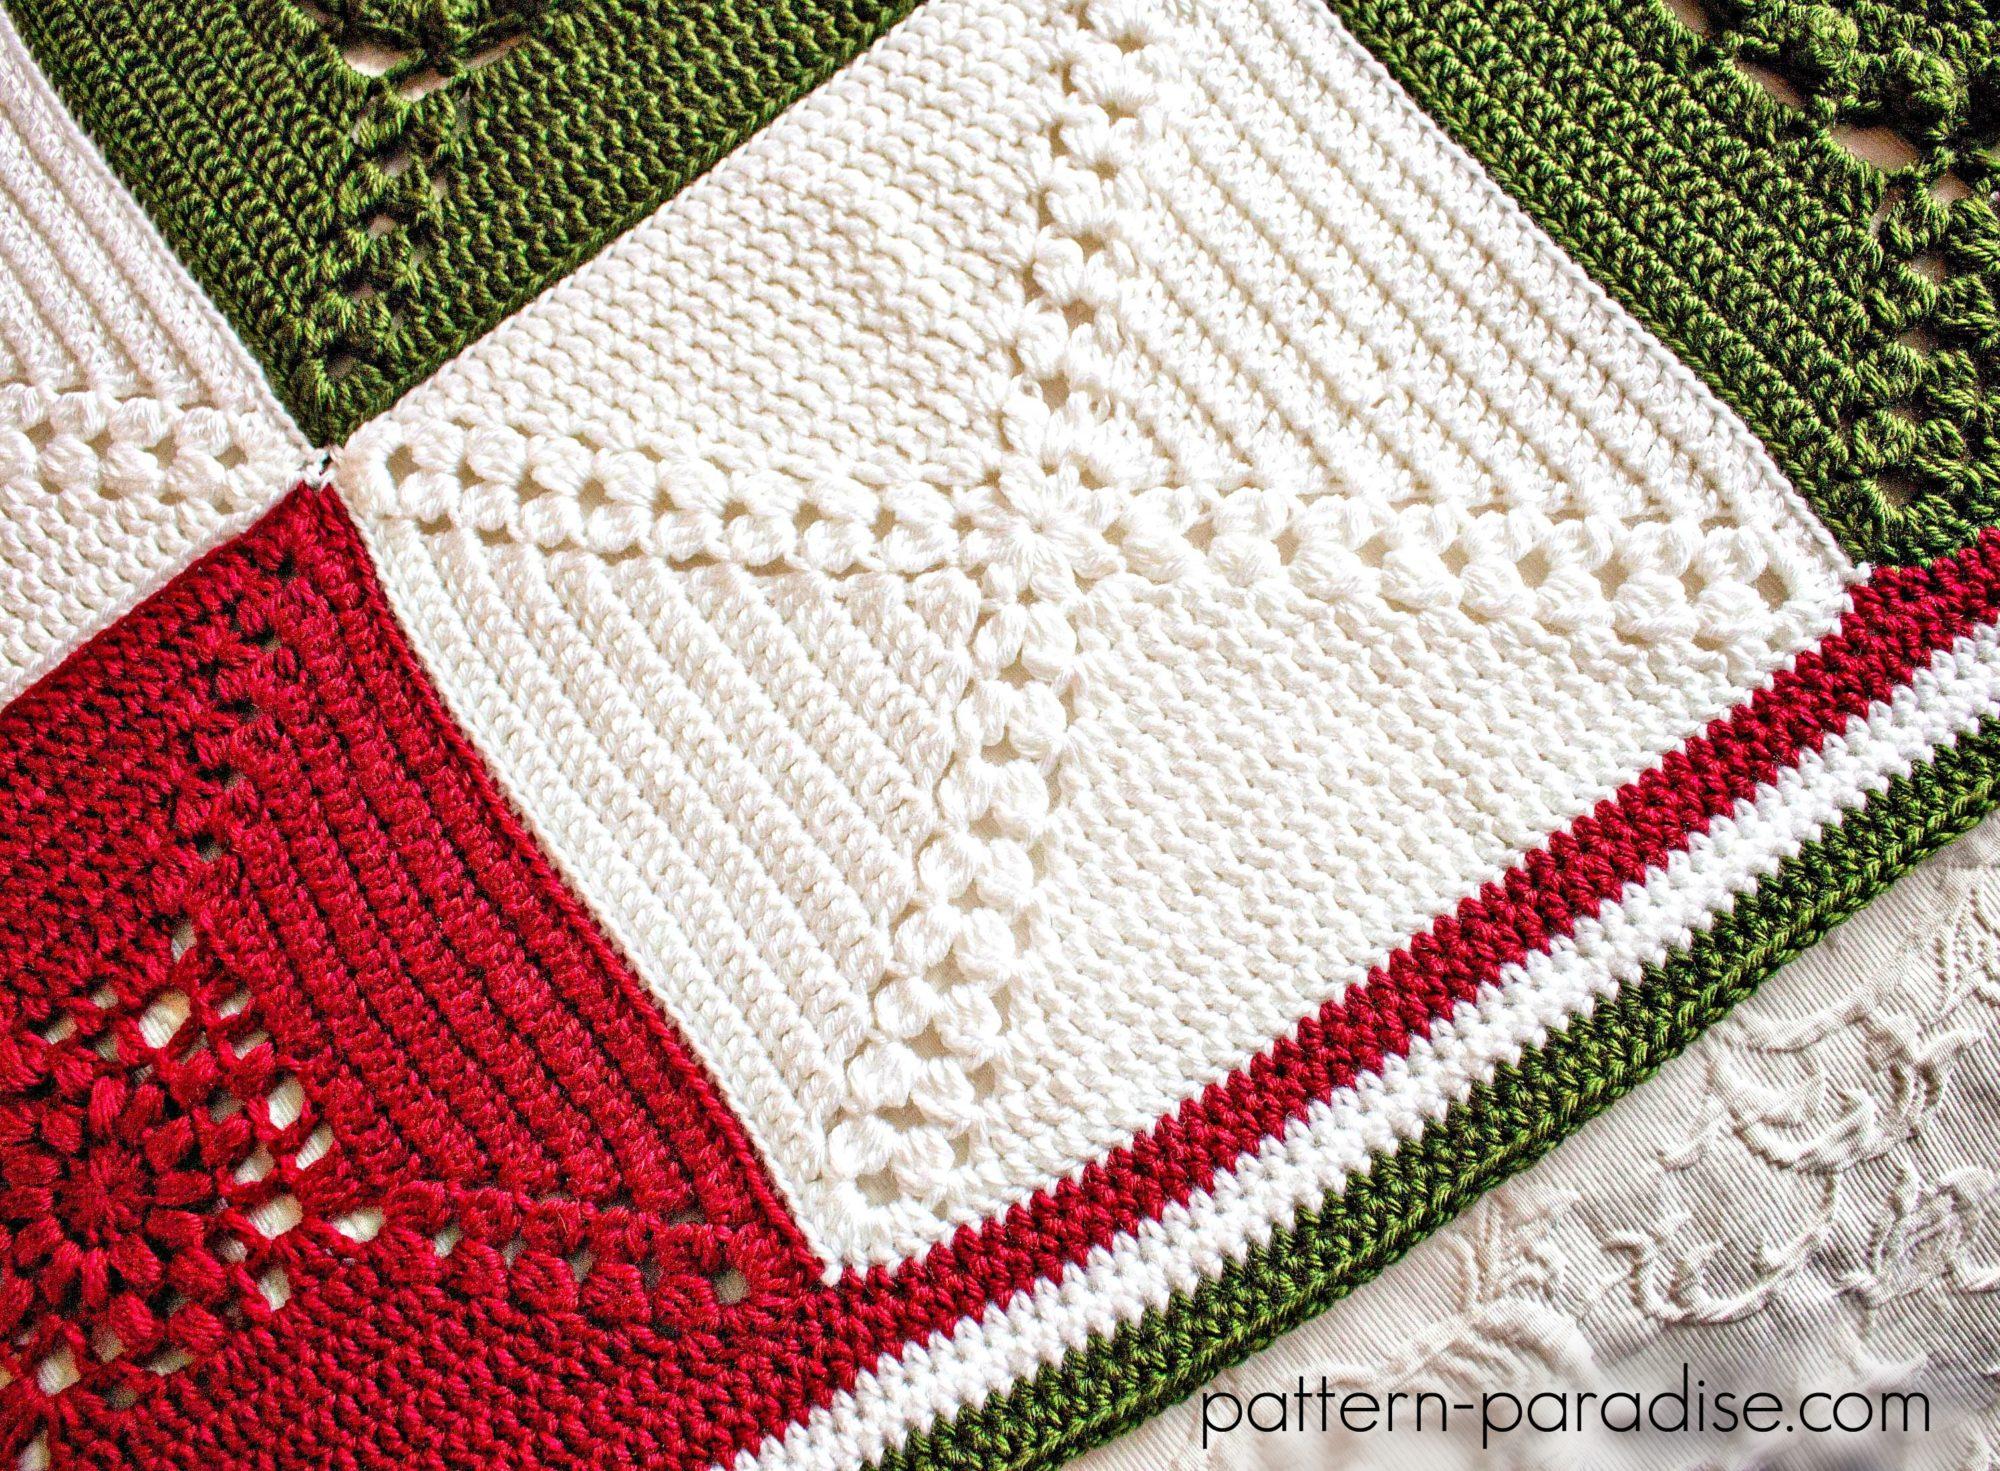 Único Patrón De Crochet Carenado Galería - Manta de Tejer Patrón de ...